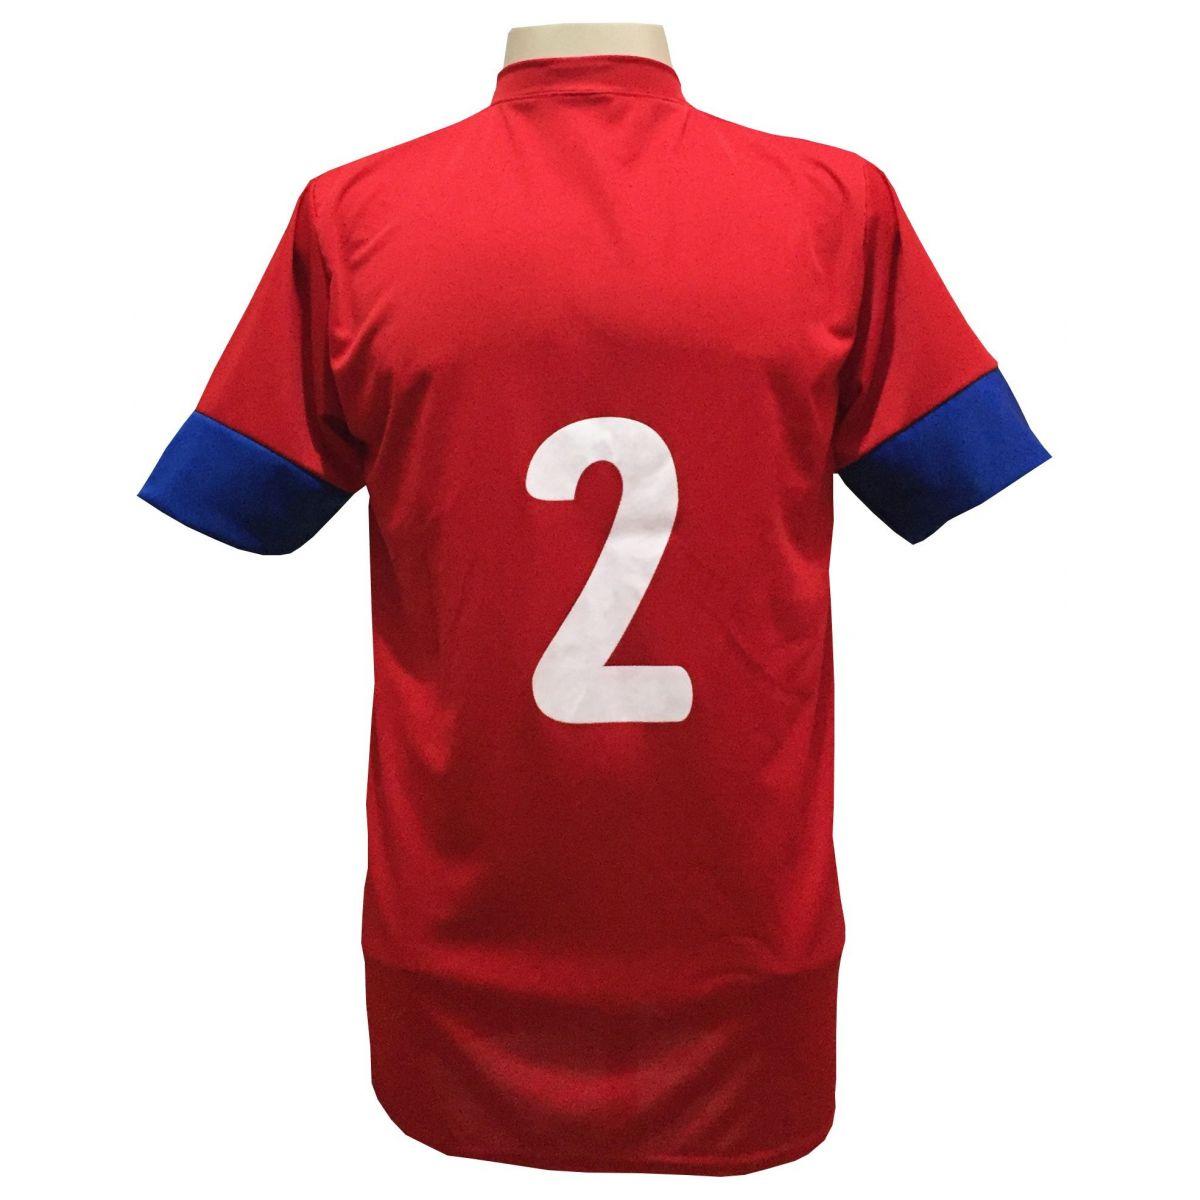 Fardamento Completo modelo Columbus 18+2 (18 Camisas Vermelho/Royal + 18 Calções Madrid Royal + 18 Pares de Meiões Vermelhos + 2 Conjuntos de Goleiro) + Brindes